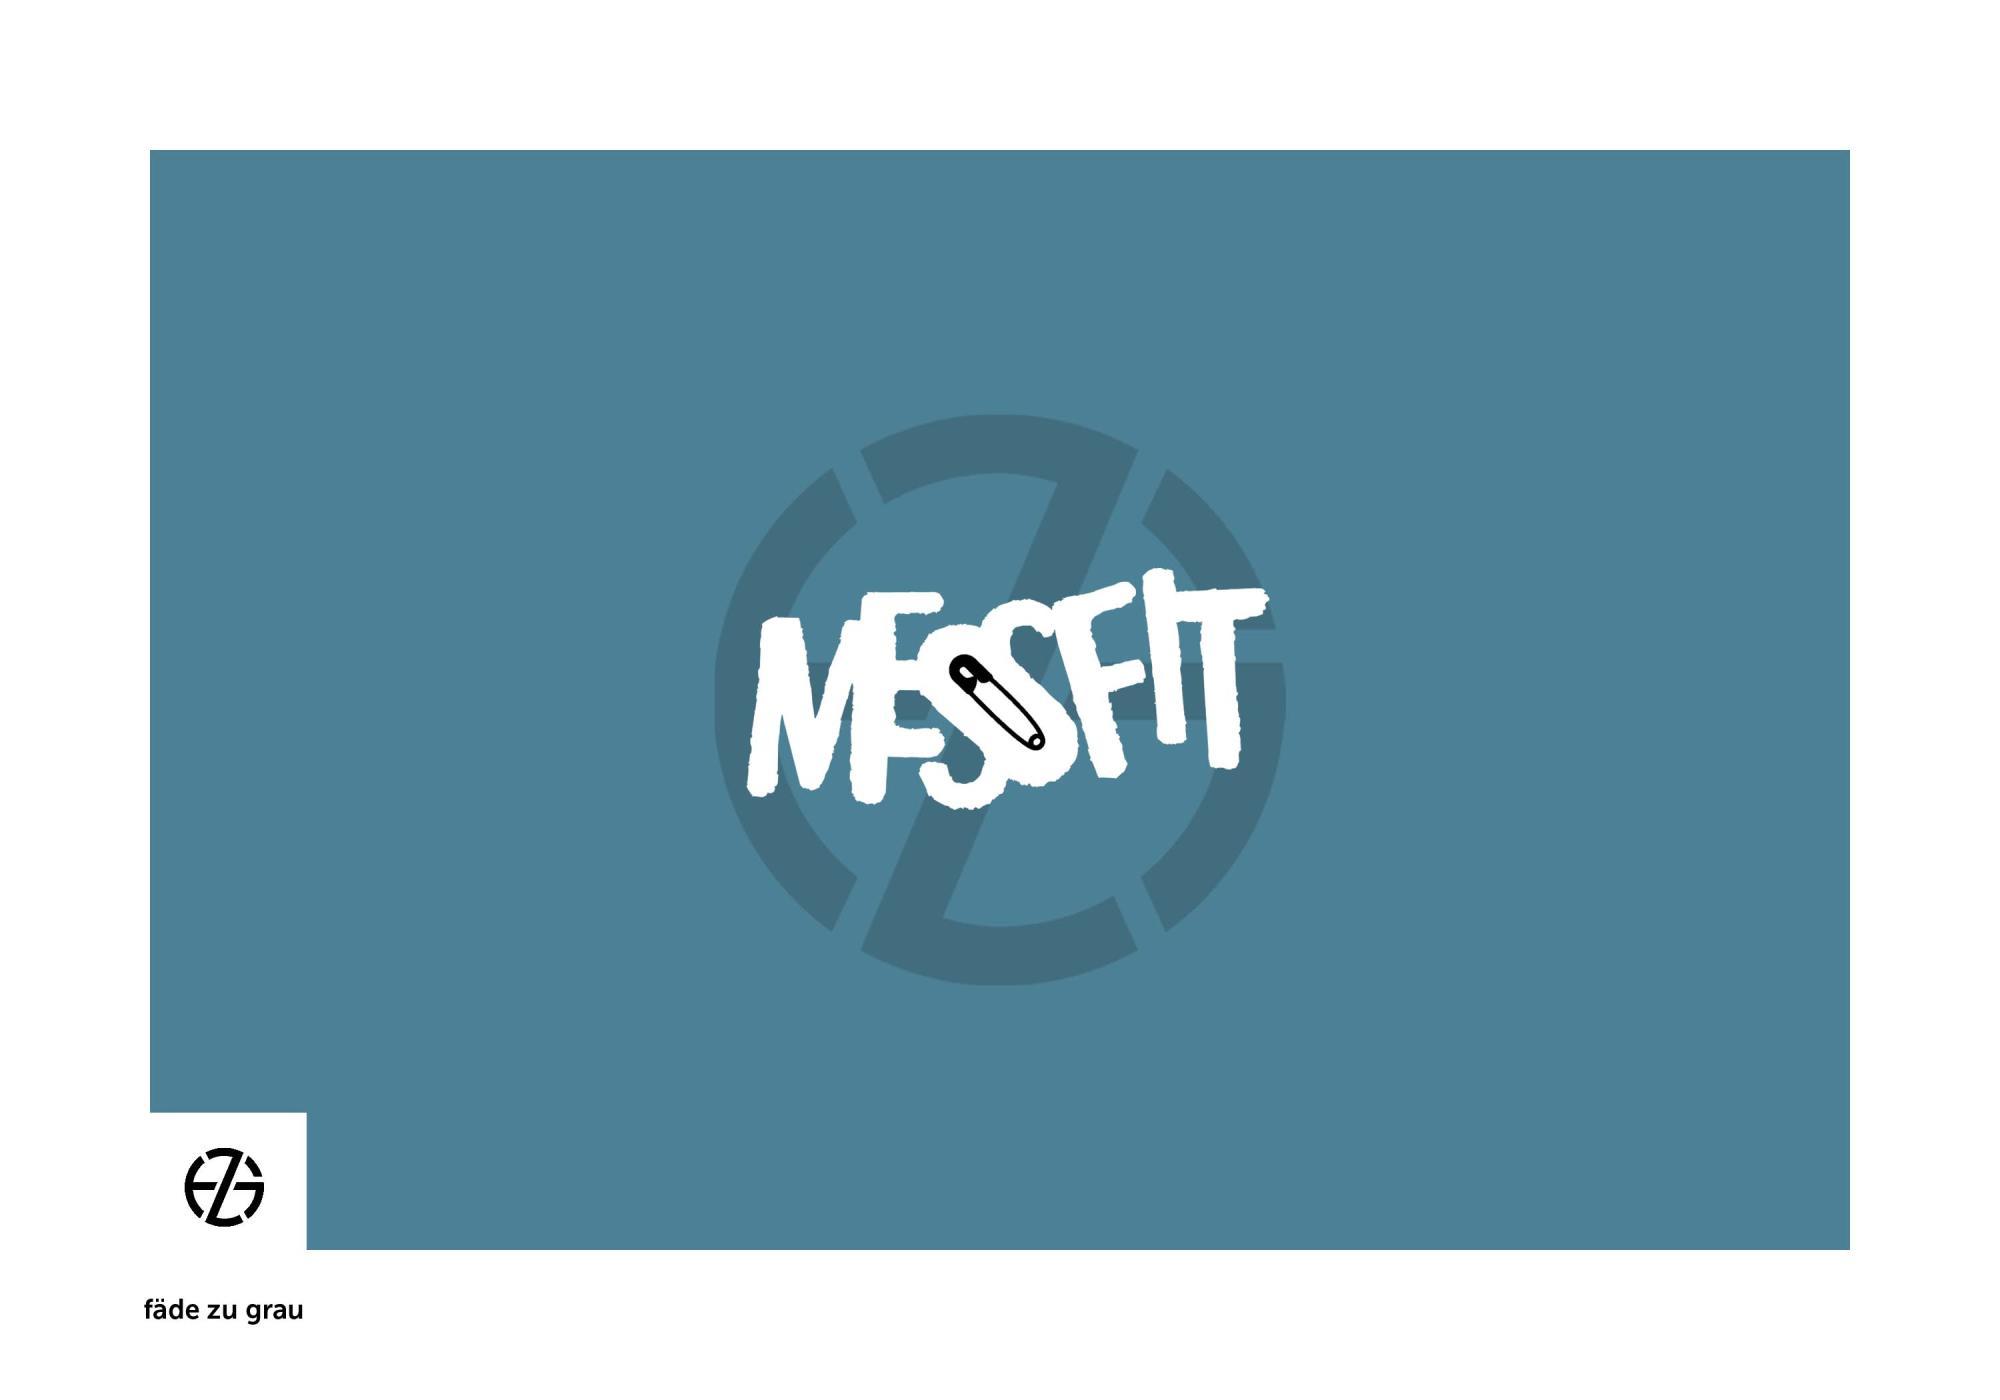 fäde zu grau | logo 'messfit'